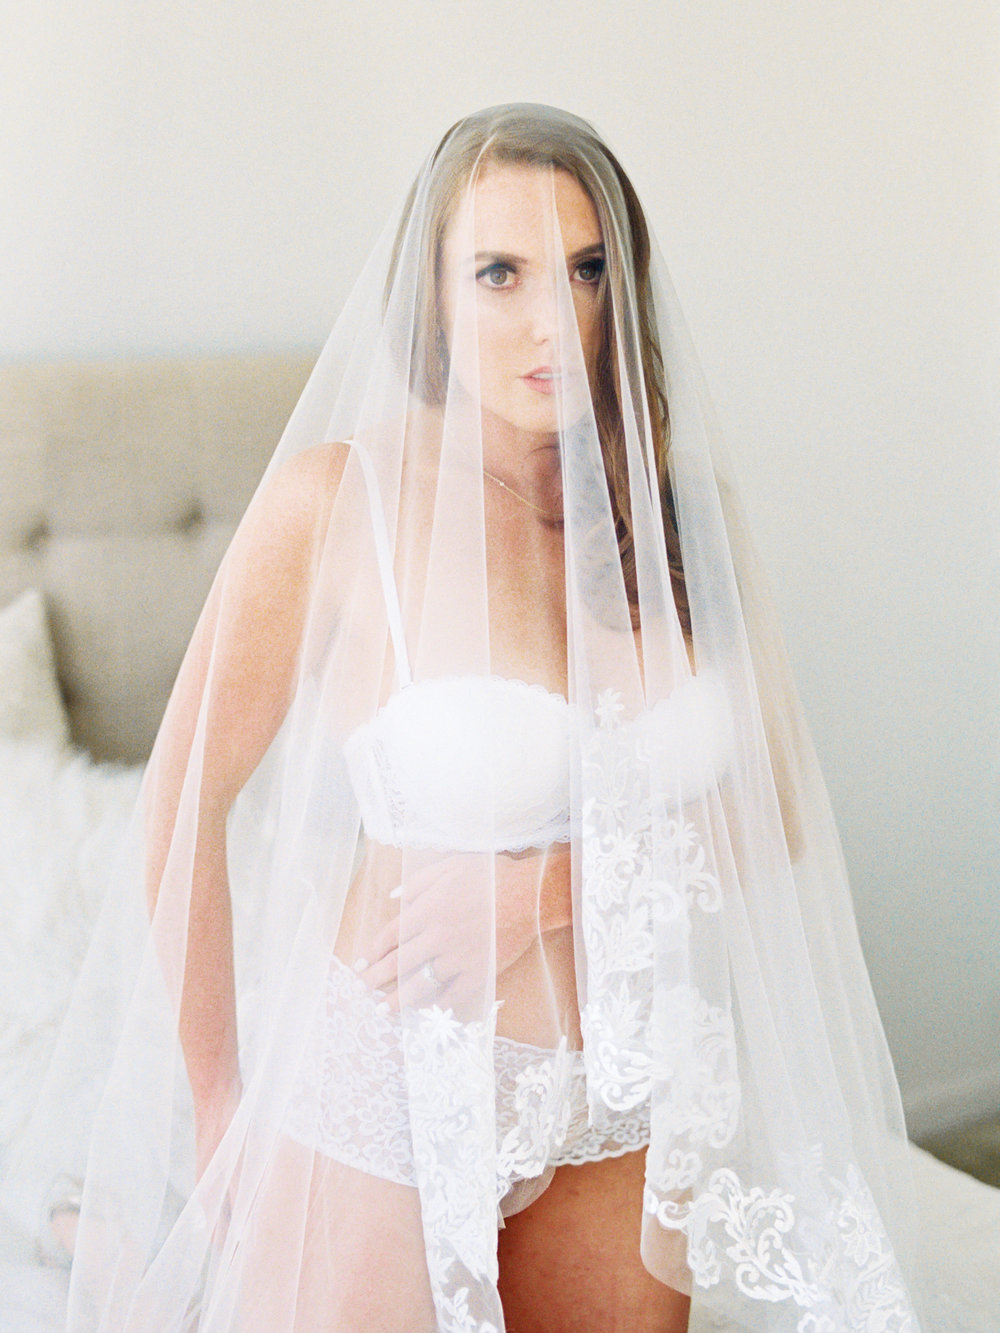 dennisroycoronel_bridal_boudoir_orangecounty_losangeles_photographer-62.jpg